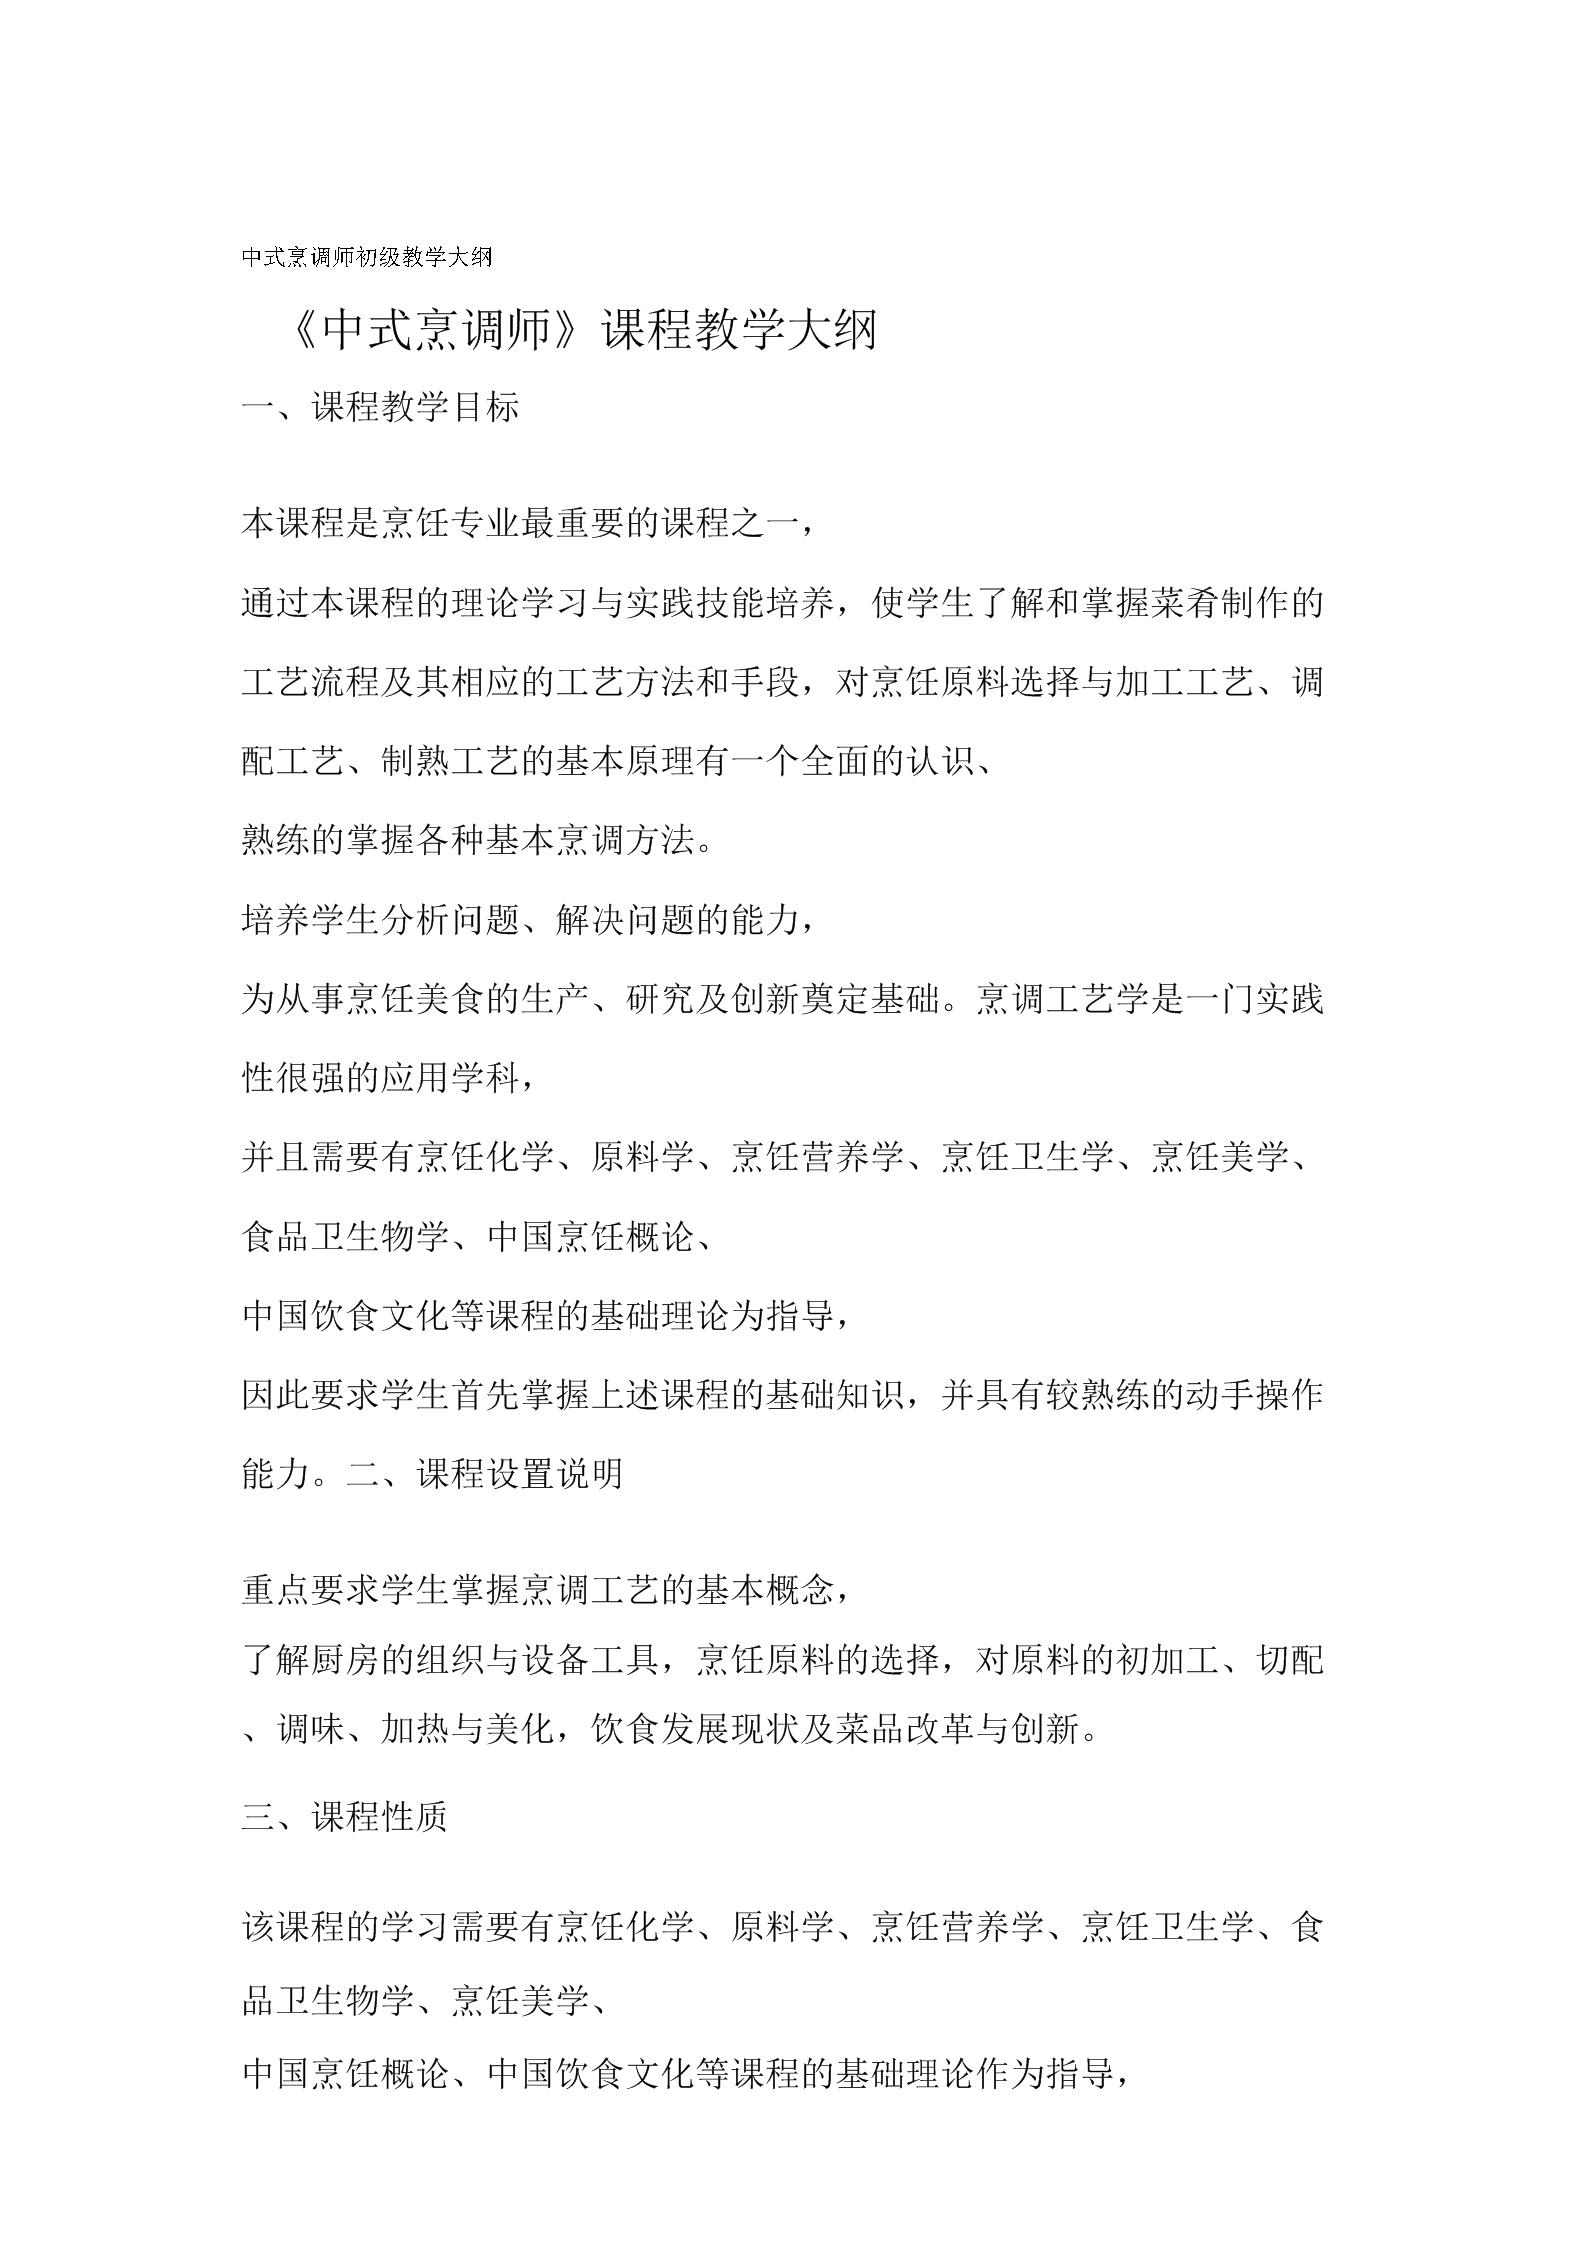 中式烹调师初级教学大纲纲要大纲.doc